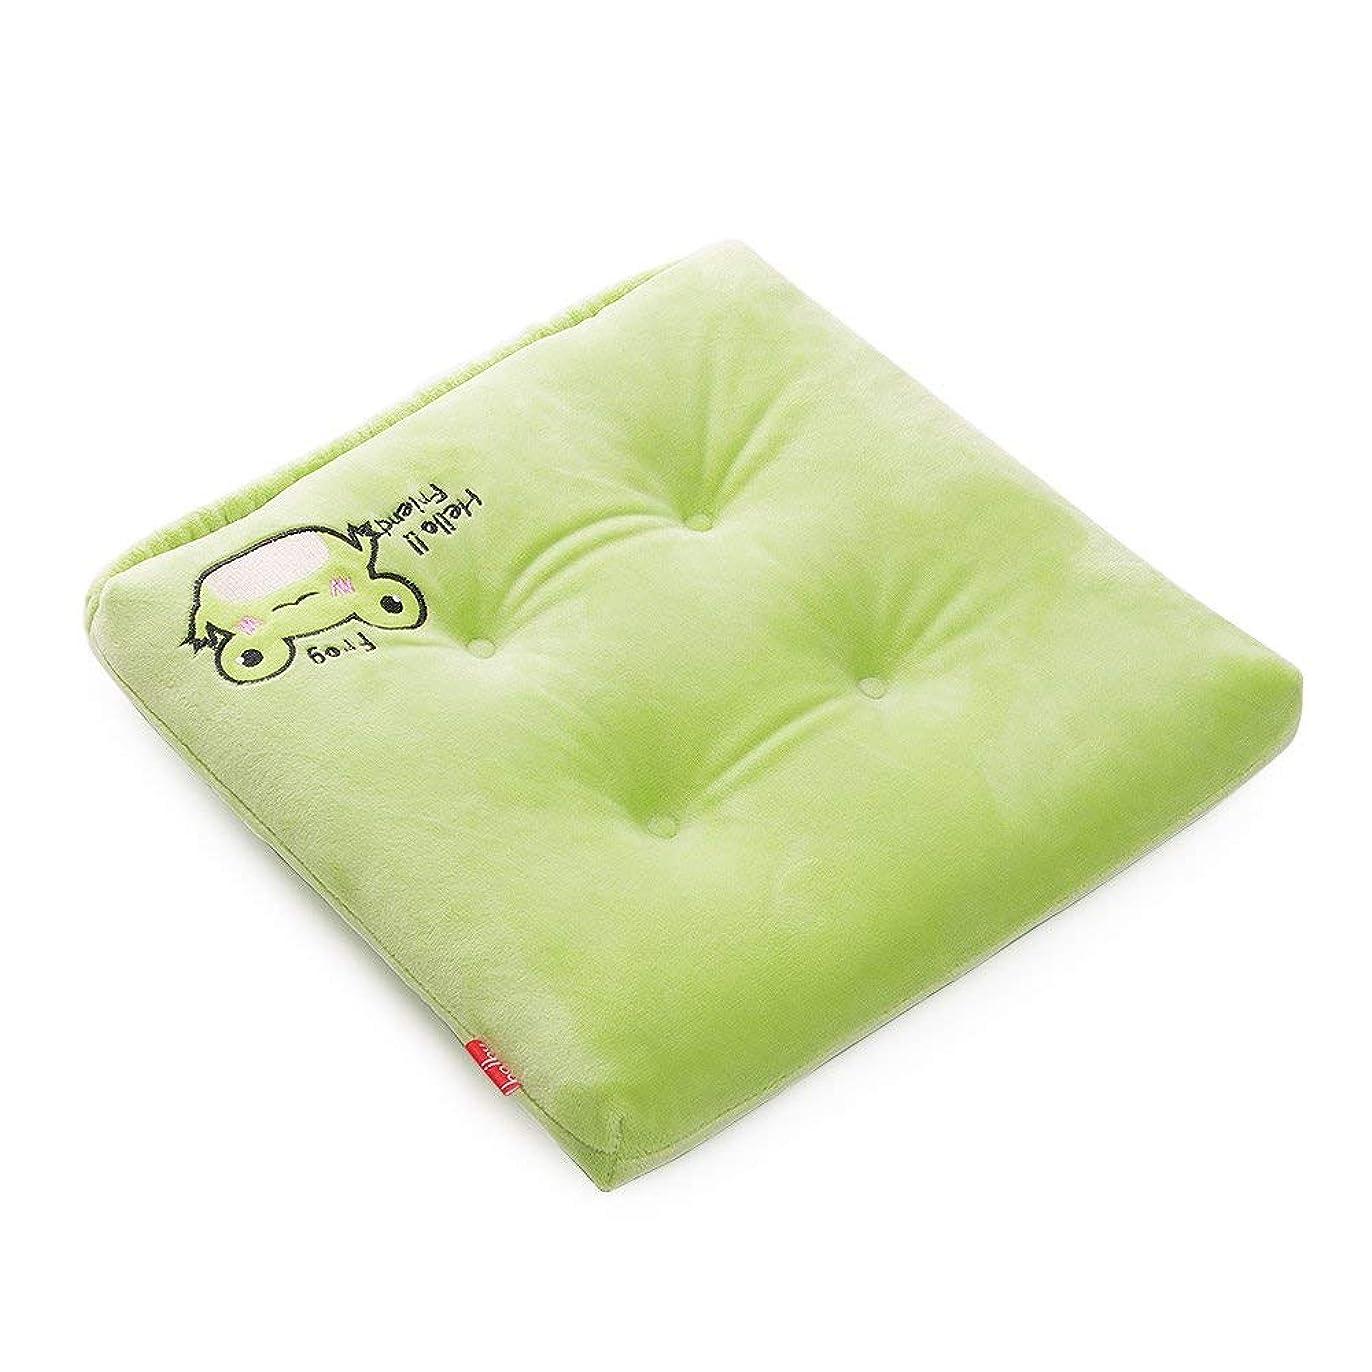 サミュエルシリング意味するBaibu Home かわいい 学童 クッション いす用 座布団 通気性 ベビーチェアークッション 子供 クッション 30×30 丸洗える 固定ゴム付き